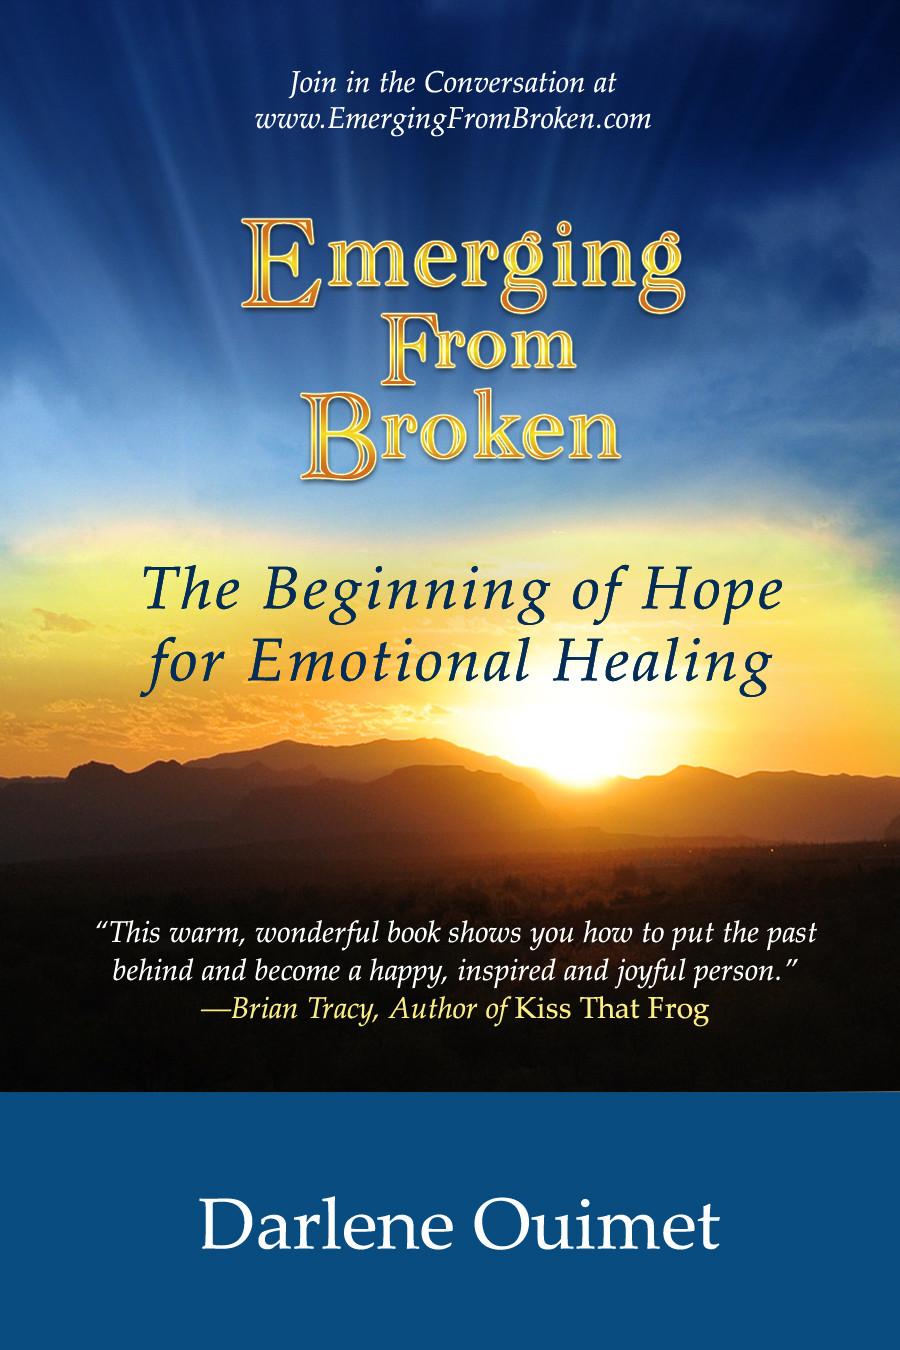 Emerging from Broken.jpg